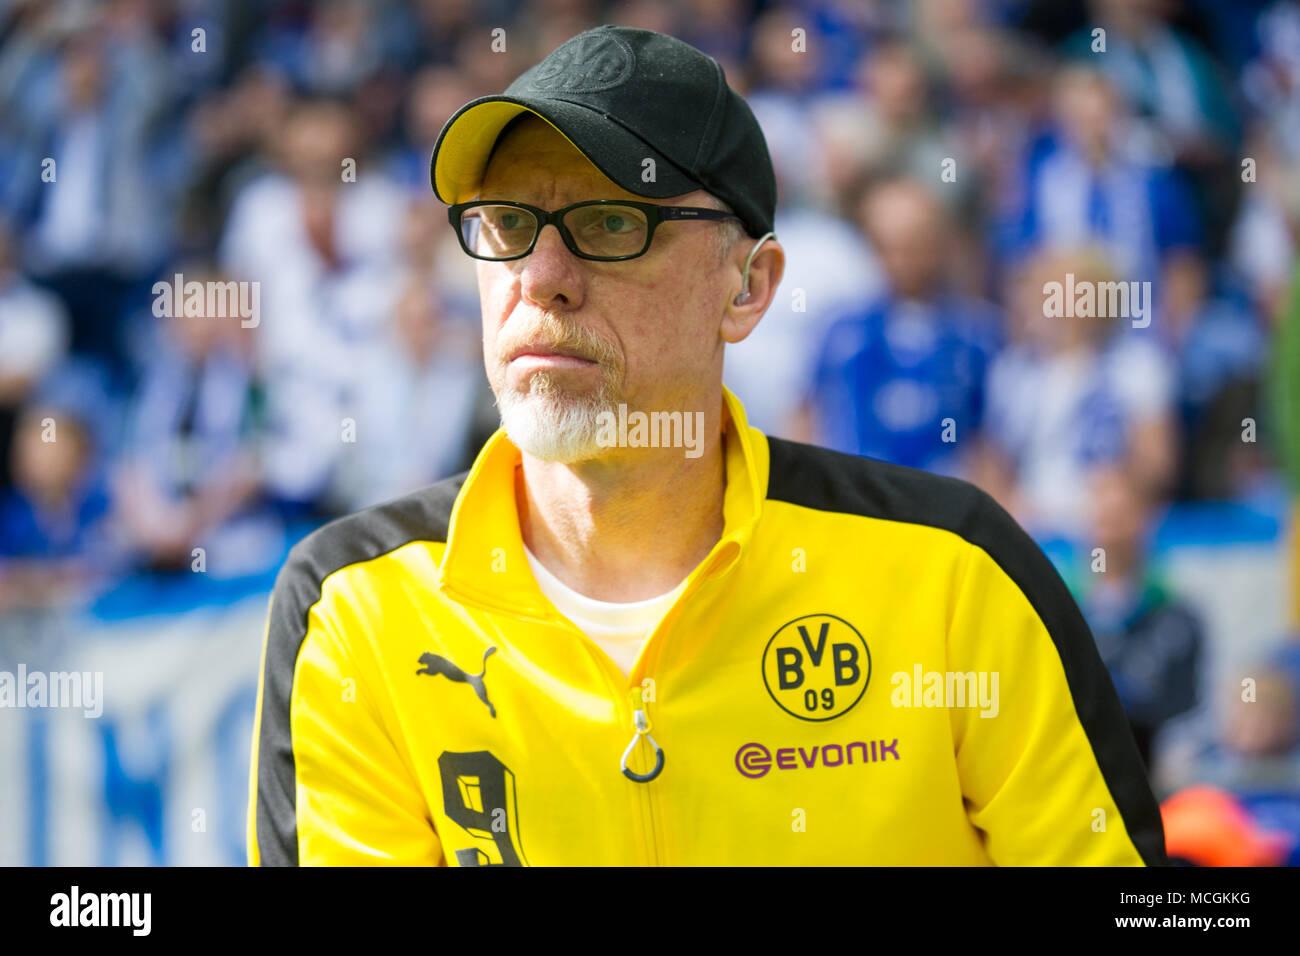 Gelsenkirchen, Allemagne. Apr 15, 2018. Peter STOEGER (Stoger, entraîneur) n'est en attente d'une interview à la télévision avant le match, demi-longueur libre, football 1ère Bundesliga, 30e journée, le FC Schalke 04 (GE) - Borussia Dortmund (NE) 2: 0, le 15/04/2017 à Gelsenkirchen, Allemagne. Utilisation dans le monde entier | Credit: dpa/Alamy Live News Banque D'Images